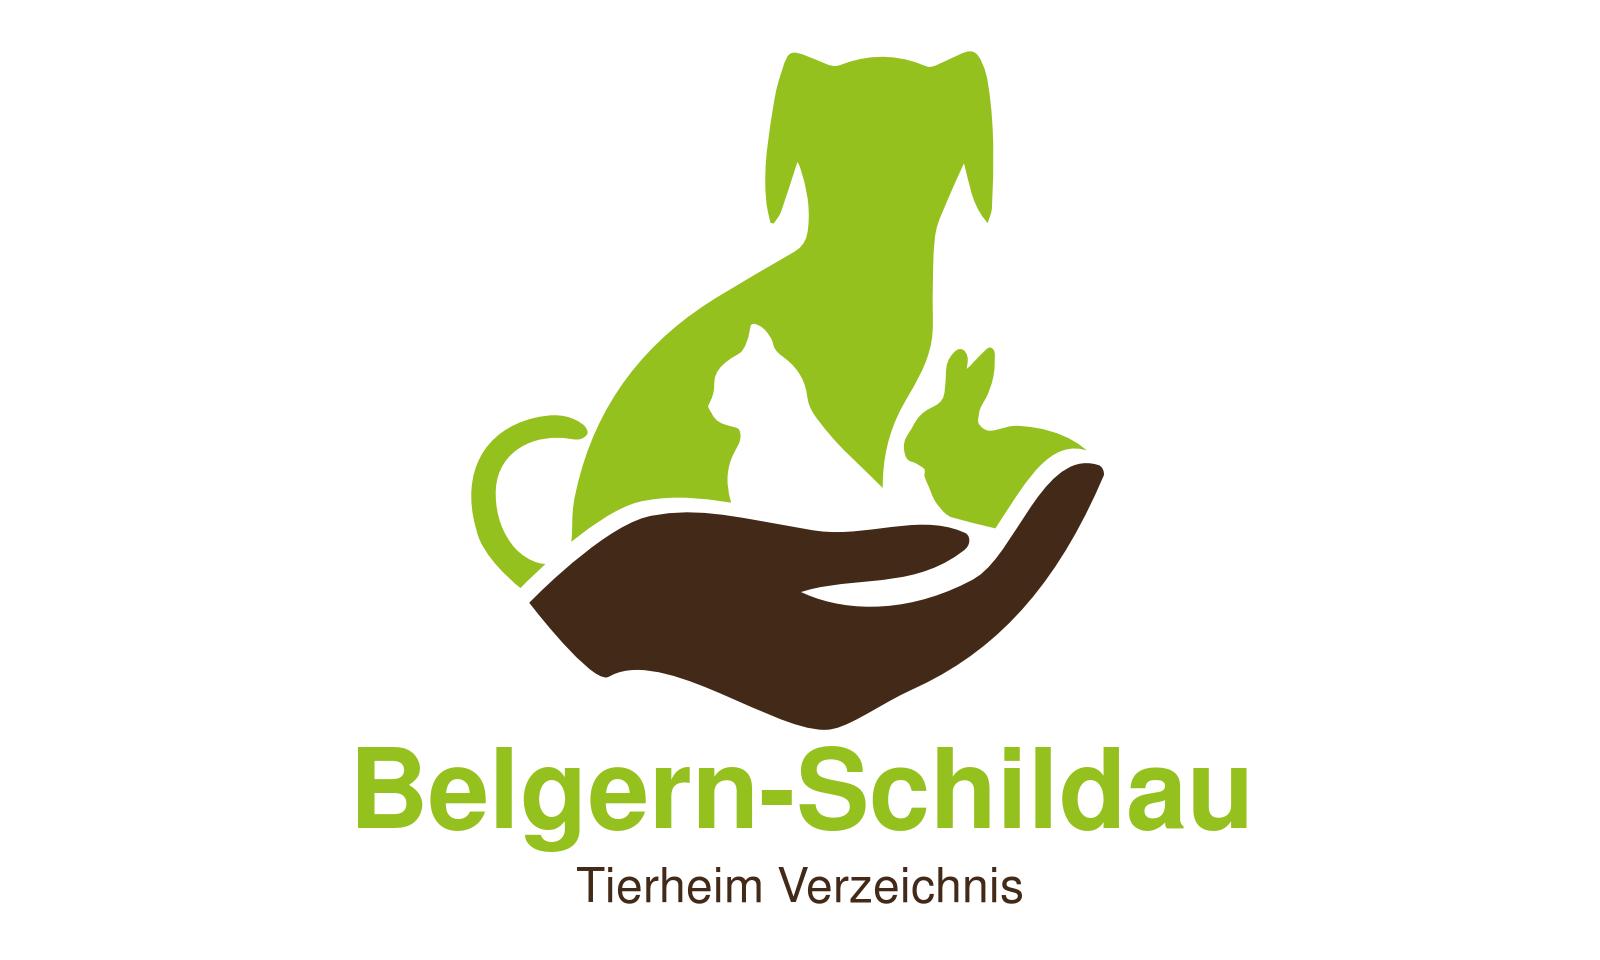 Tierheim Belgern-Schildau